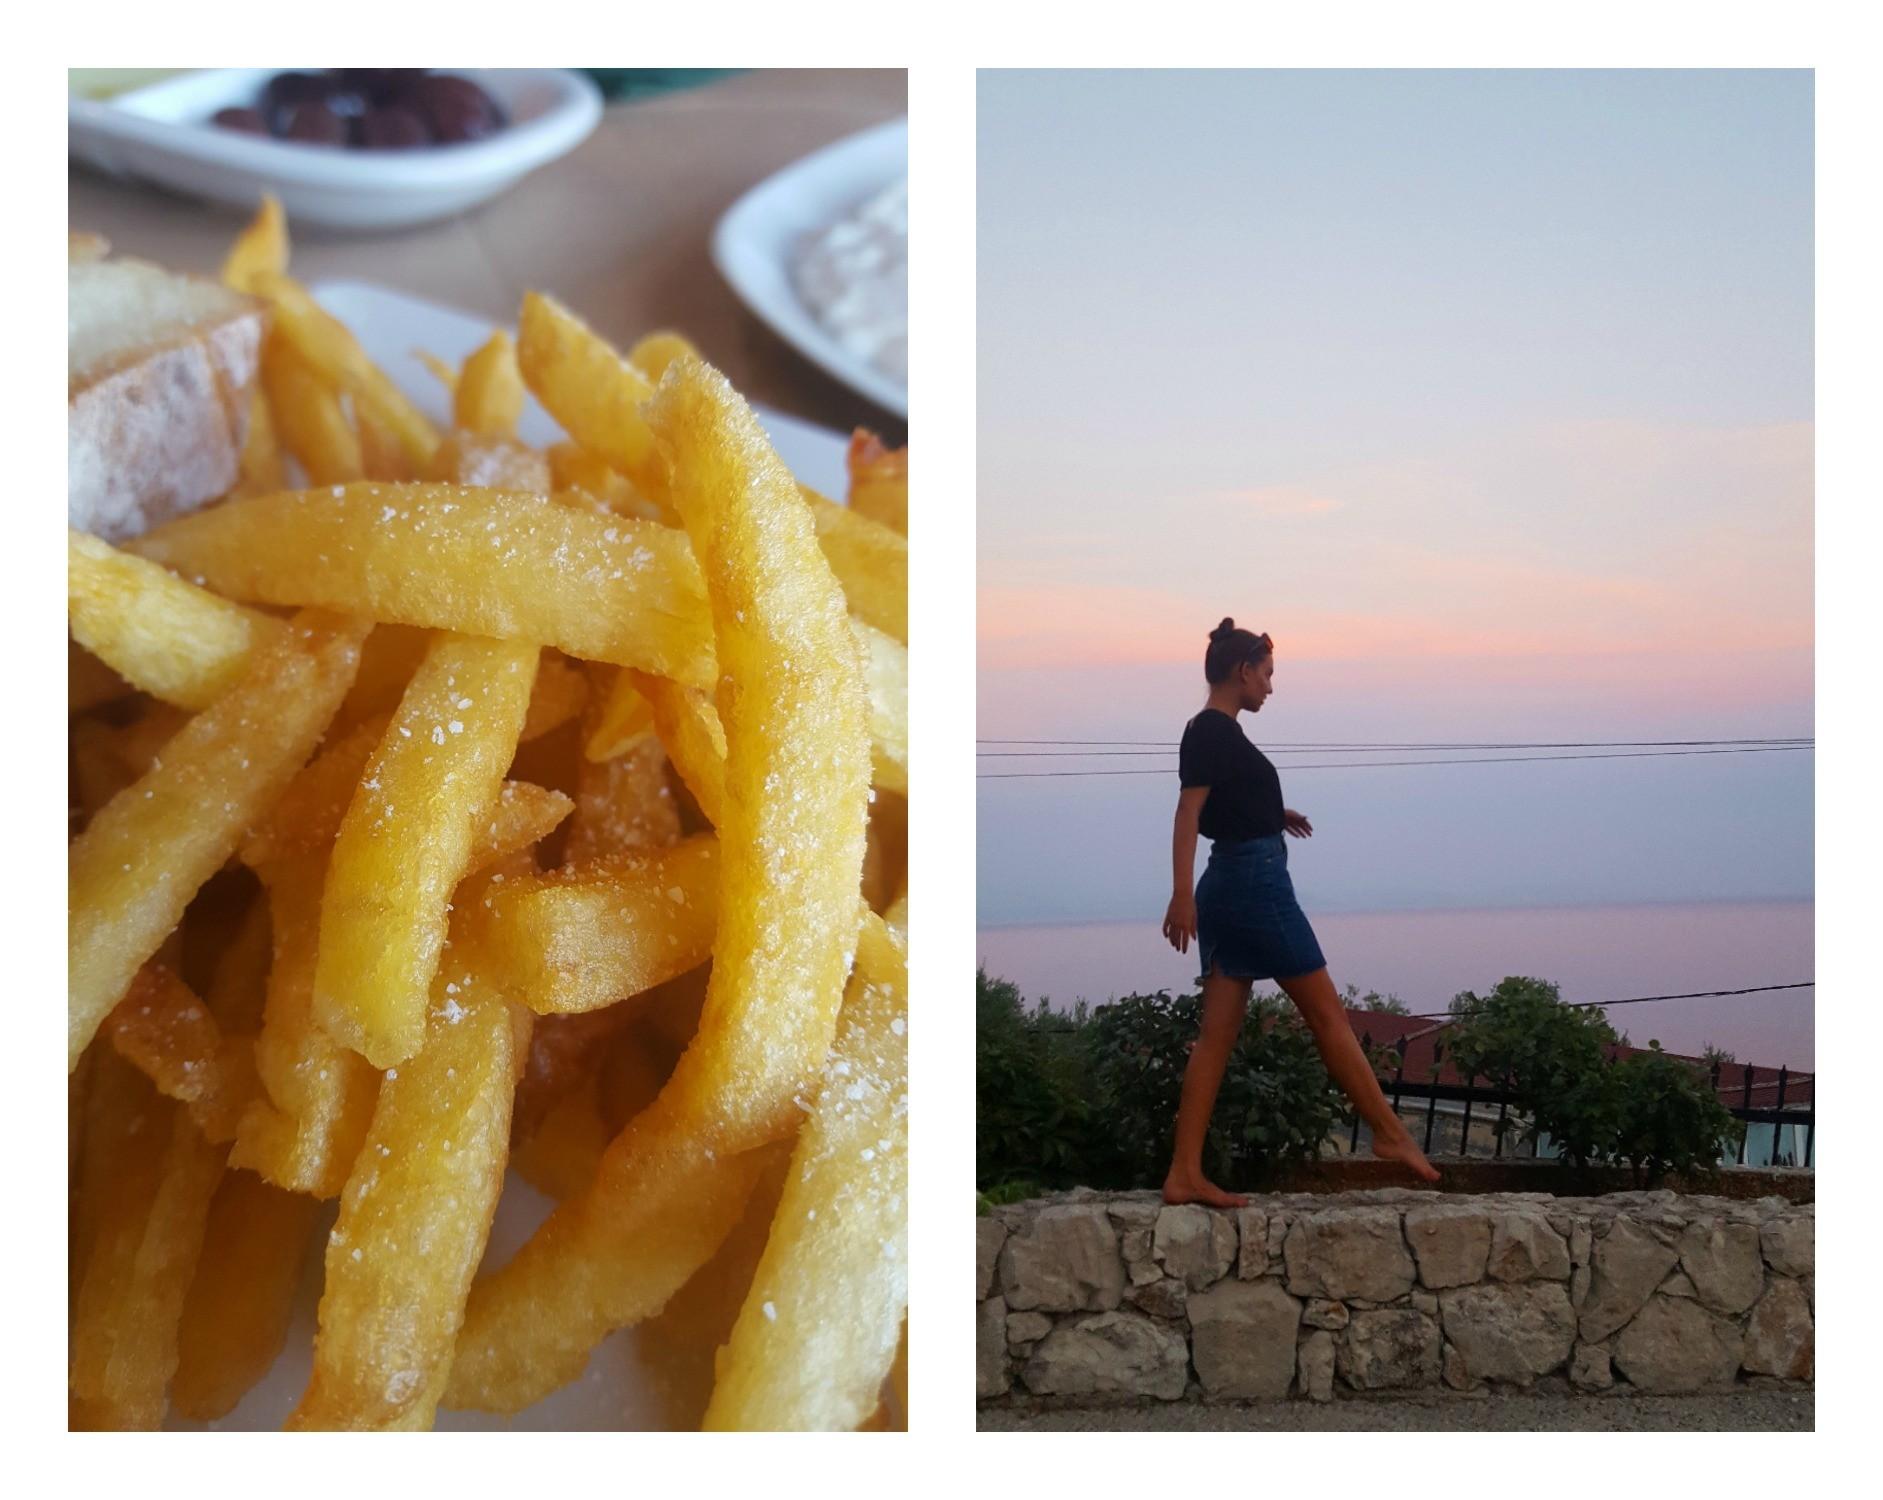 Finns det något godare än salta pommes vid stranden?